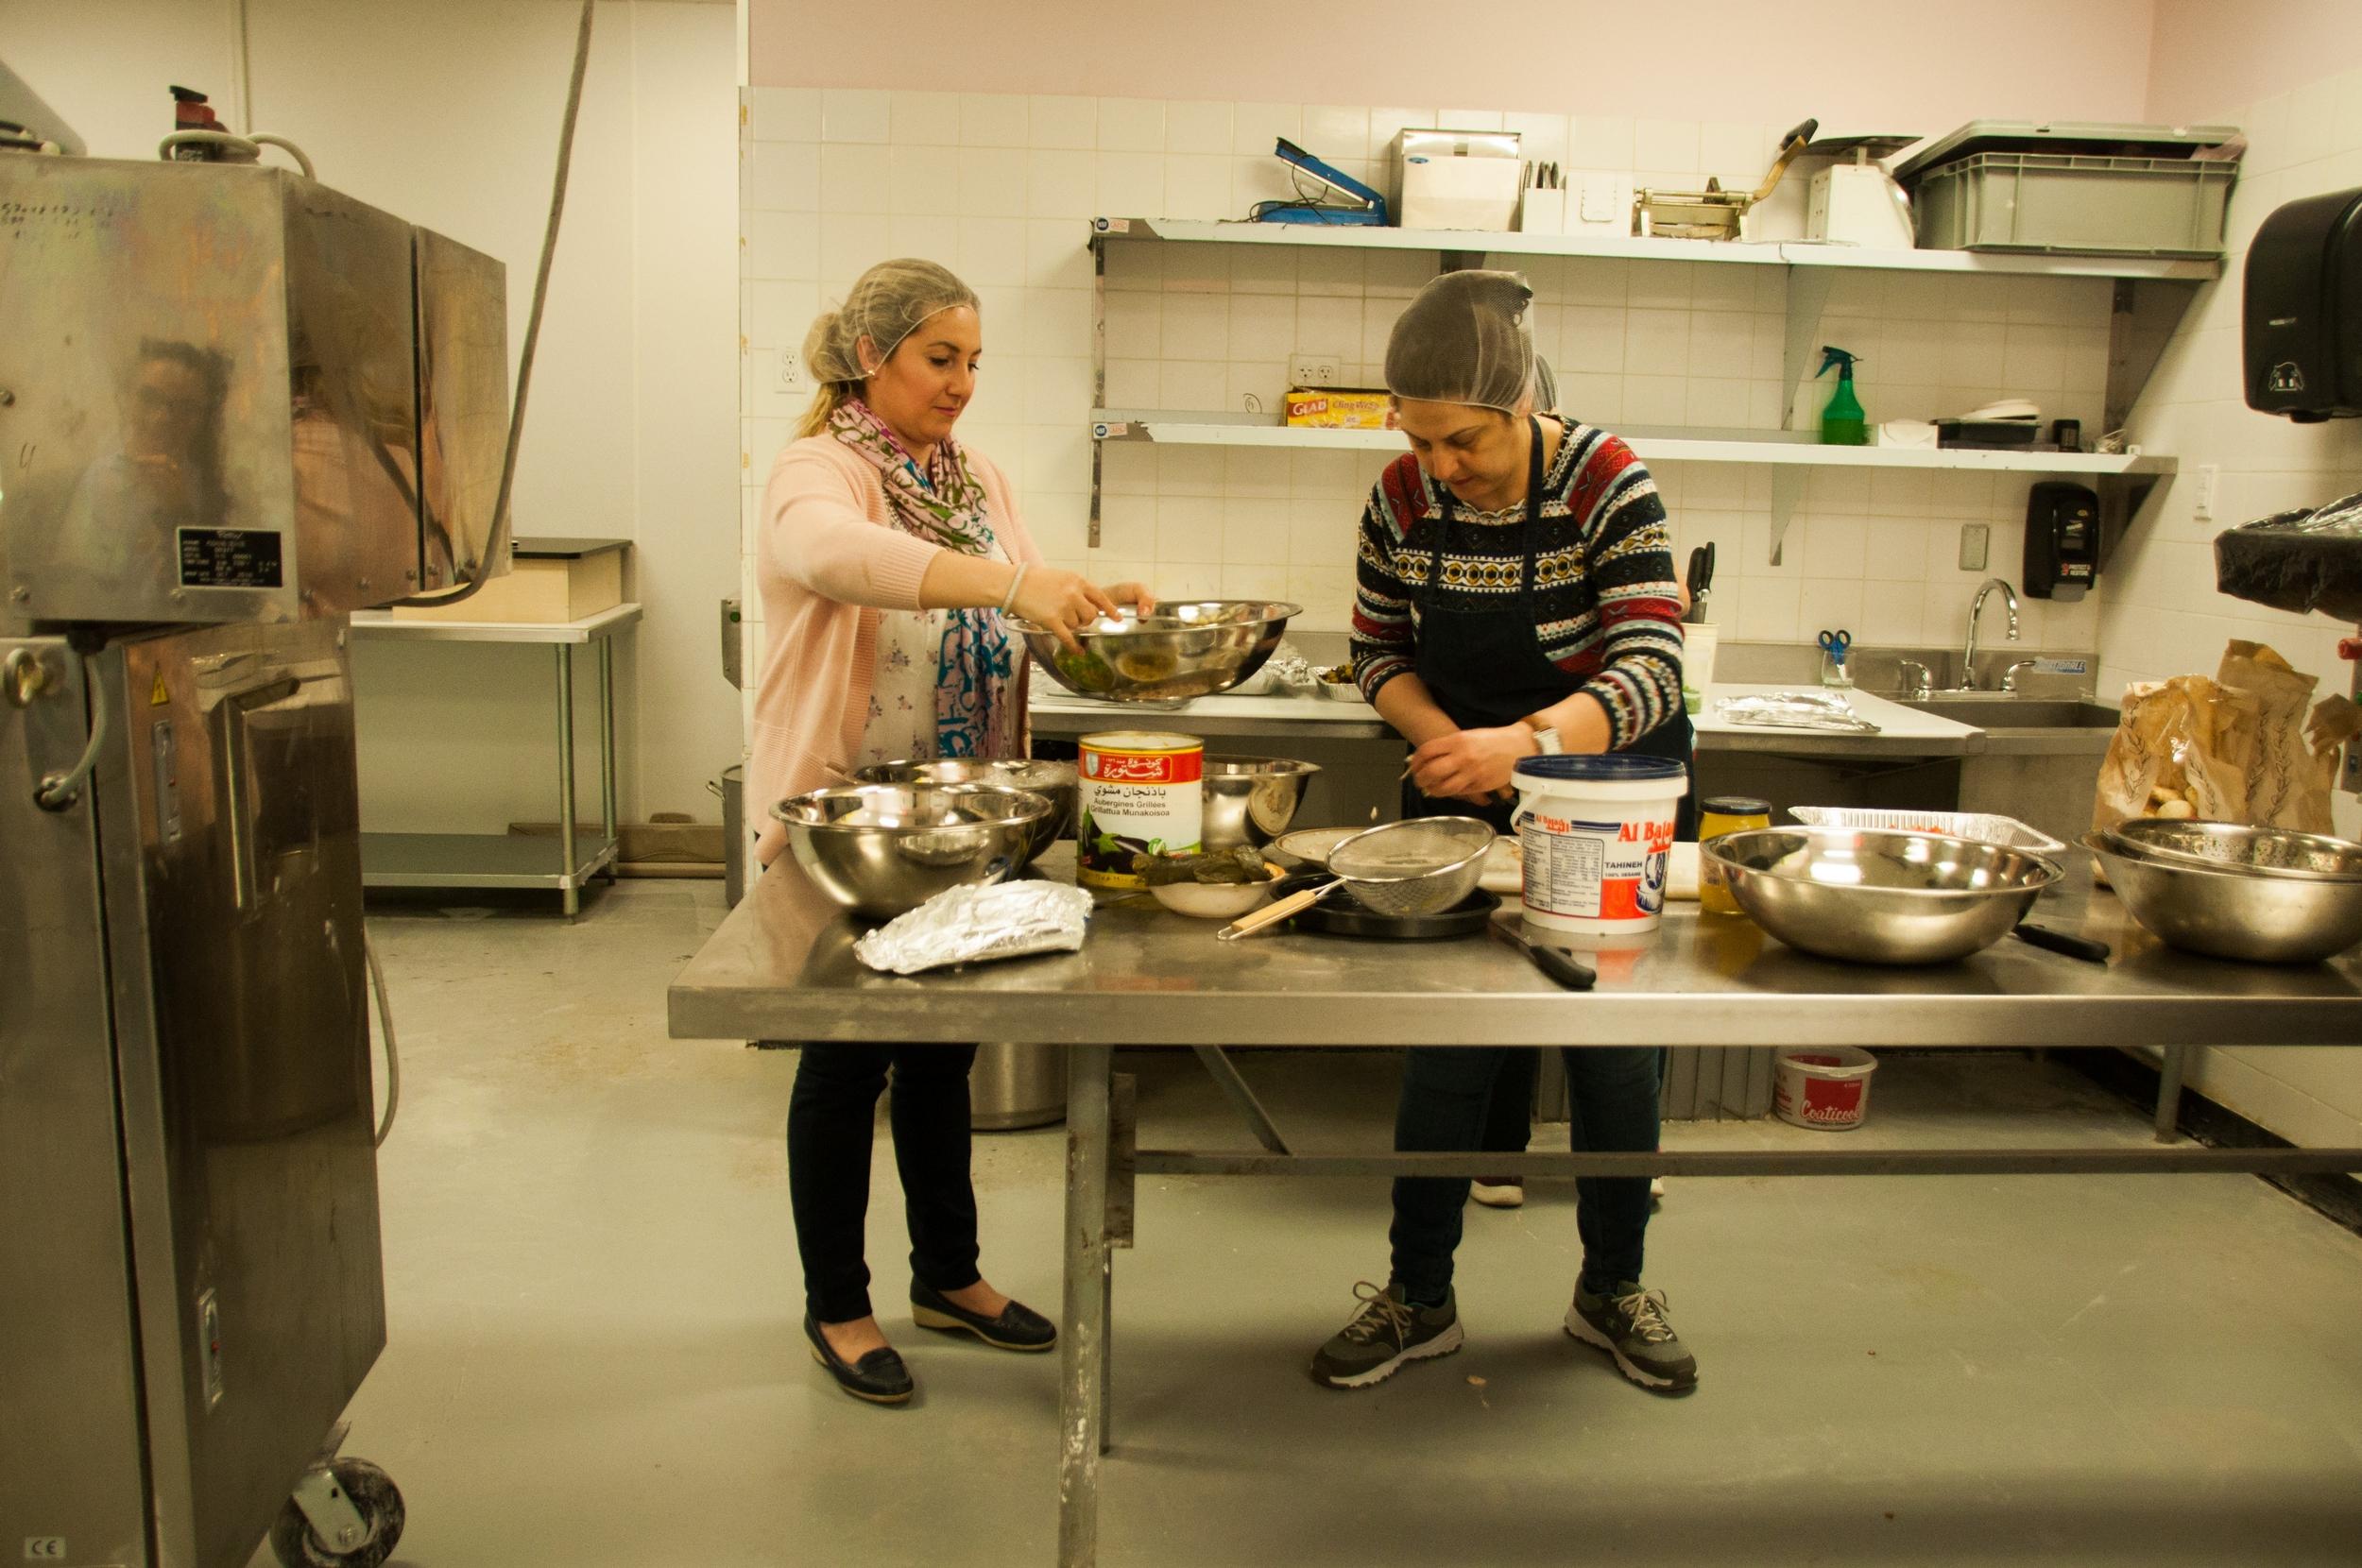 Dans la cuisine, les femmes discutent en arabe tout en pratiquant leur français. ©Inès Marandon